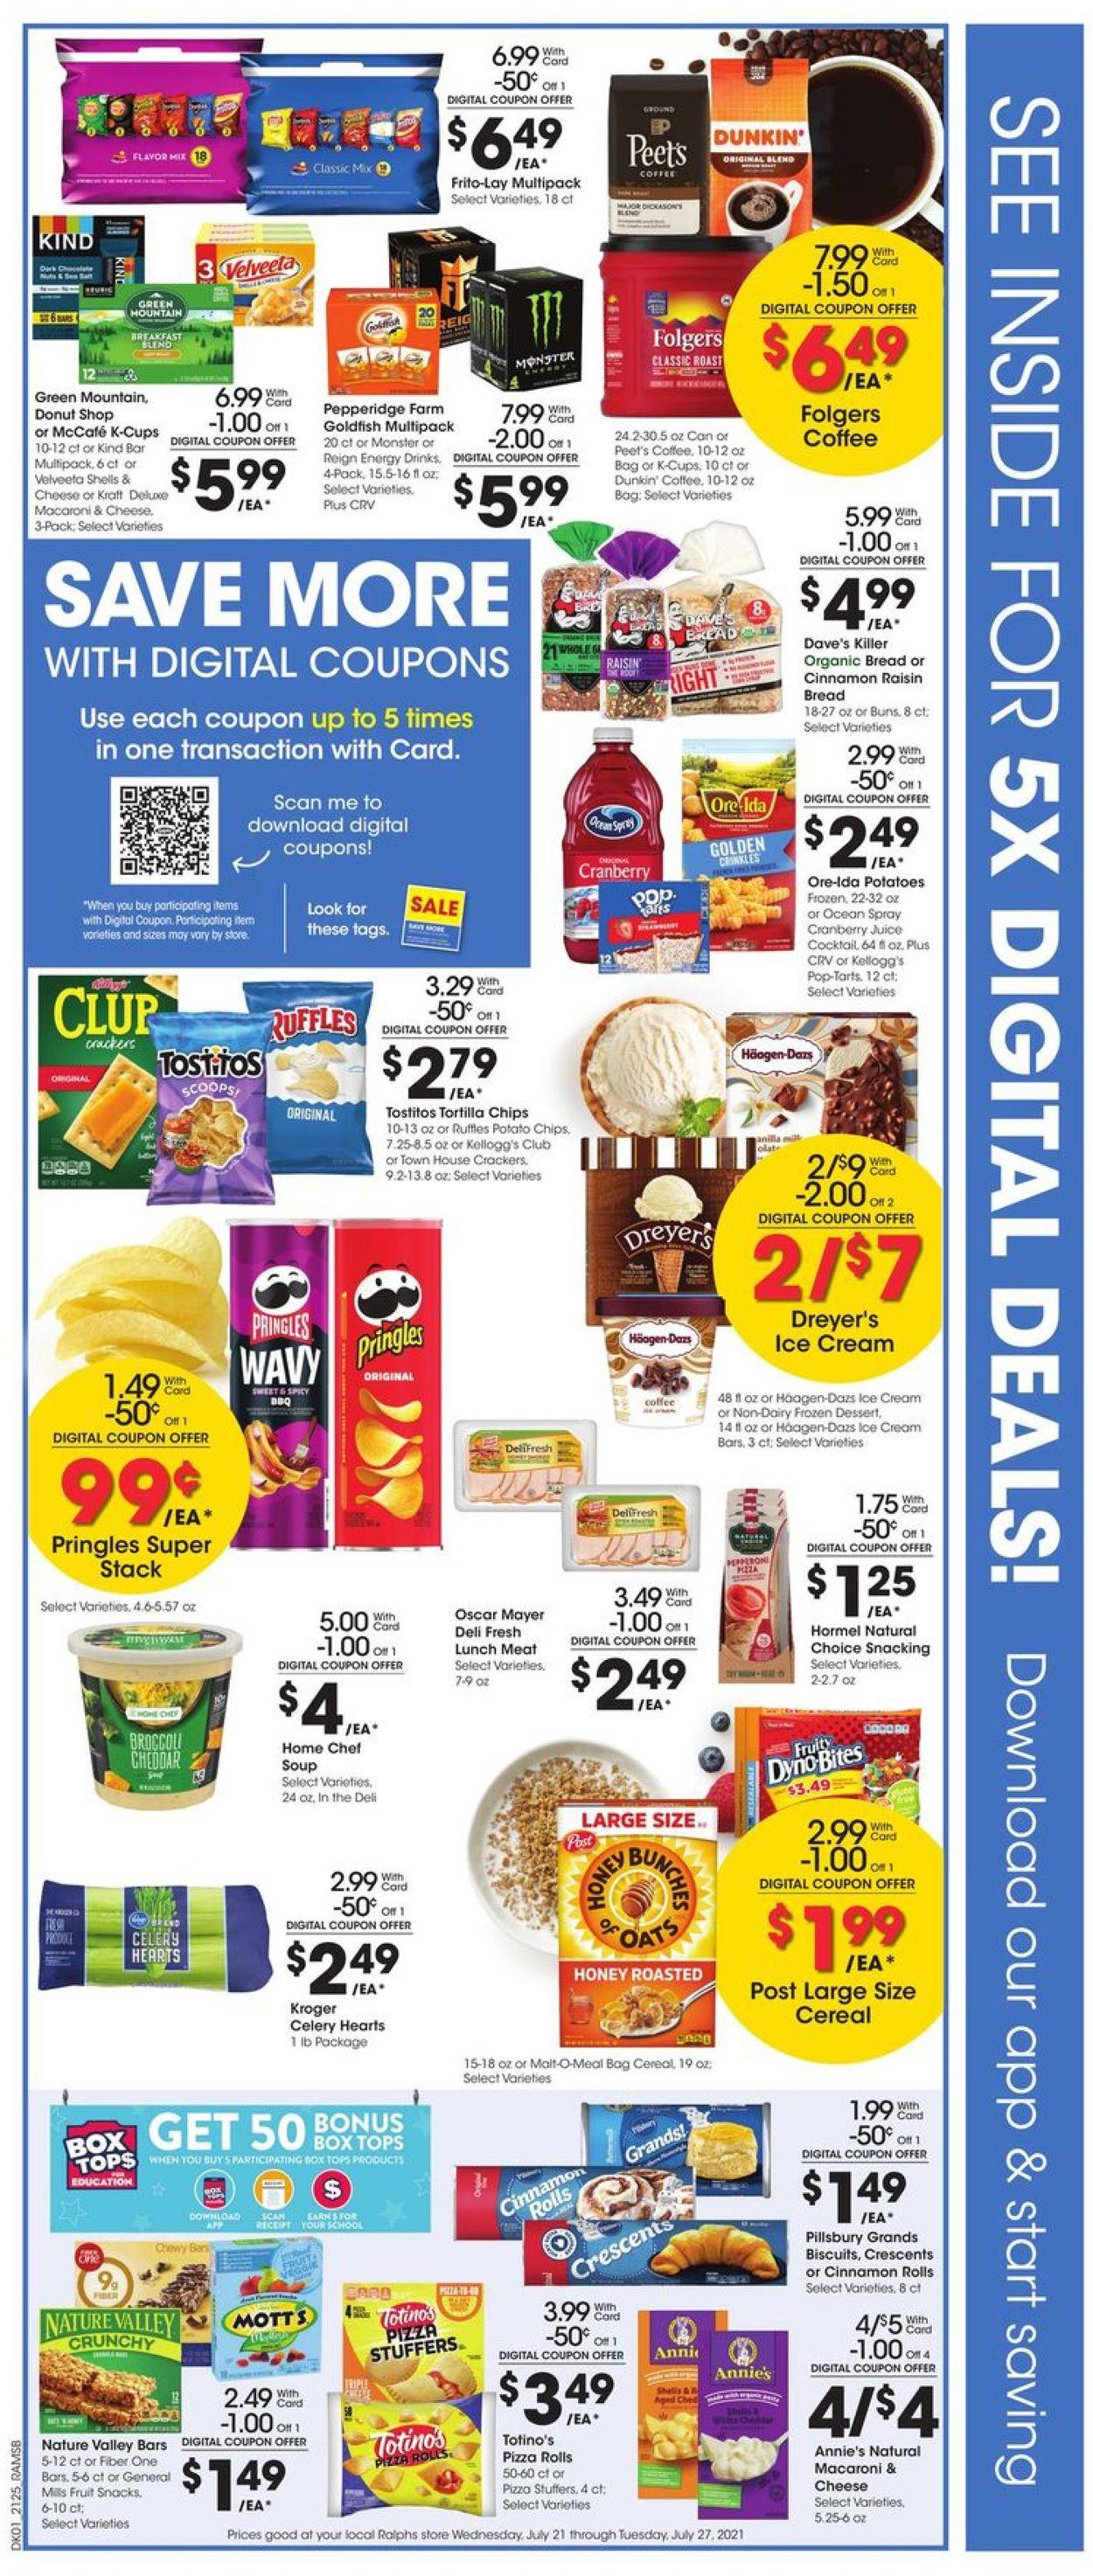 Ralphs Weekly Ad Circular - valid 07/21-07/27/2021 (Page 2)